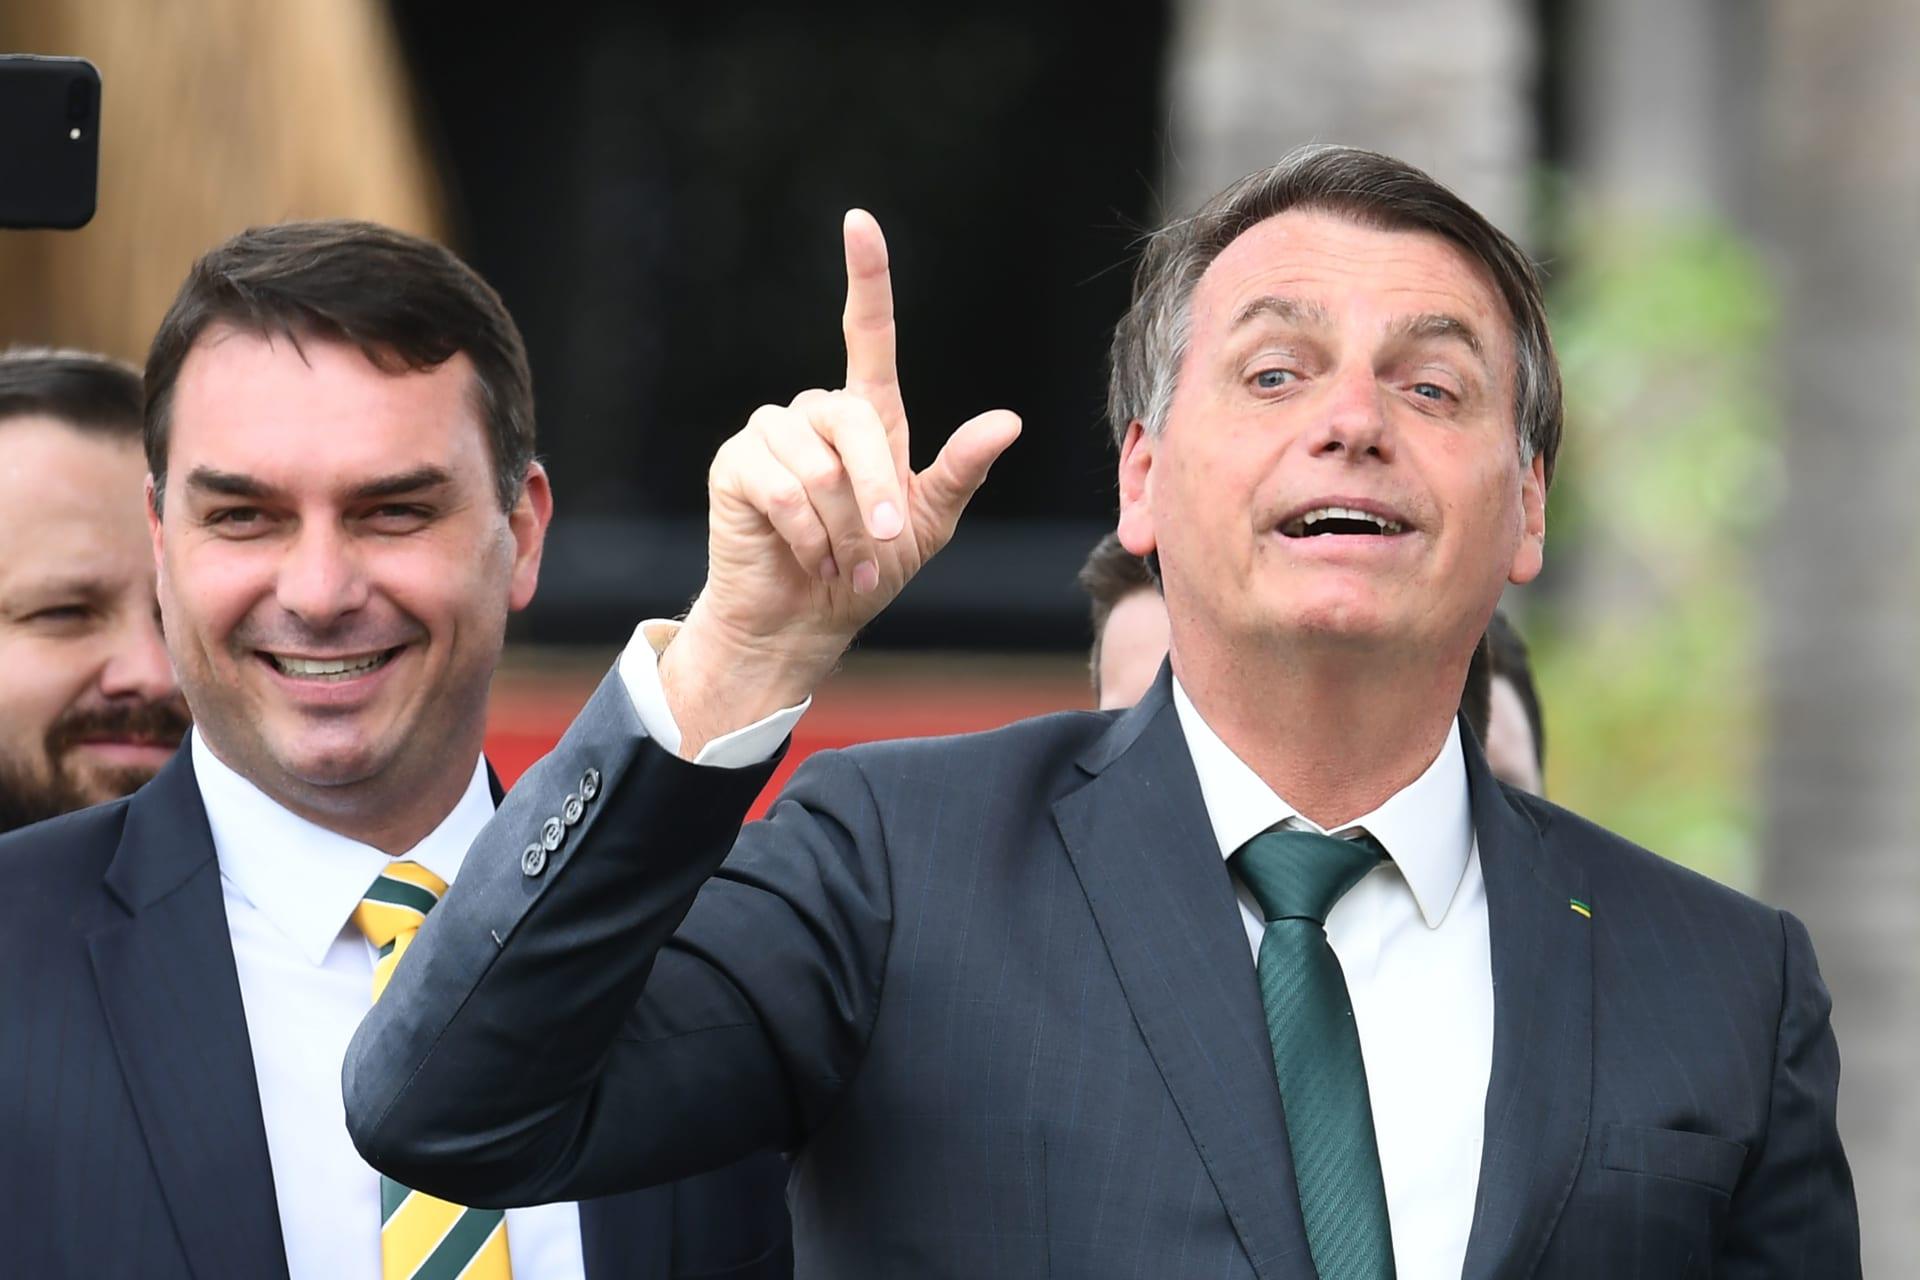 البرازيل تسجل أكثر من 47 ألف حالة كورونا جديدة بينها إصابة ابن الرئيس البرازيلي